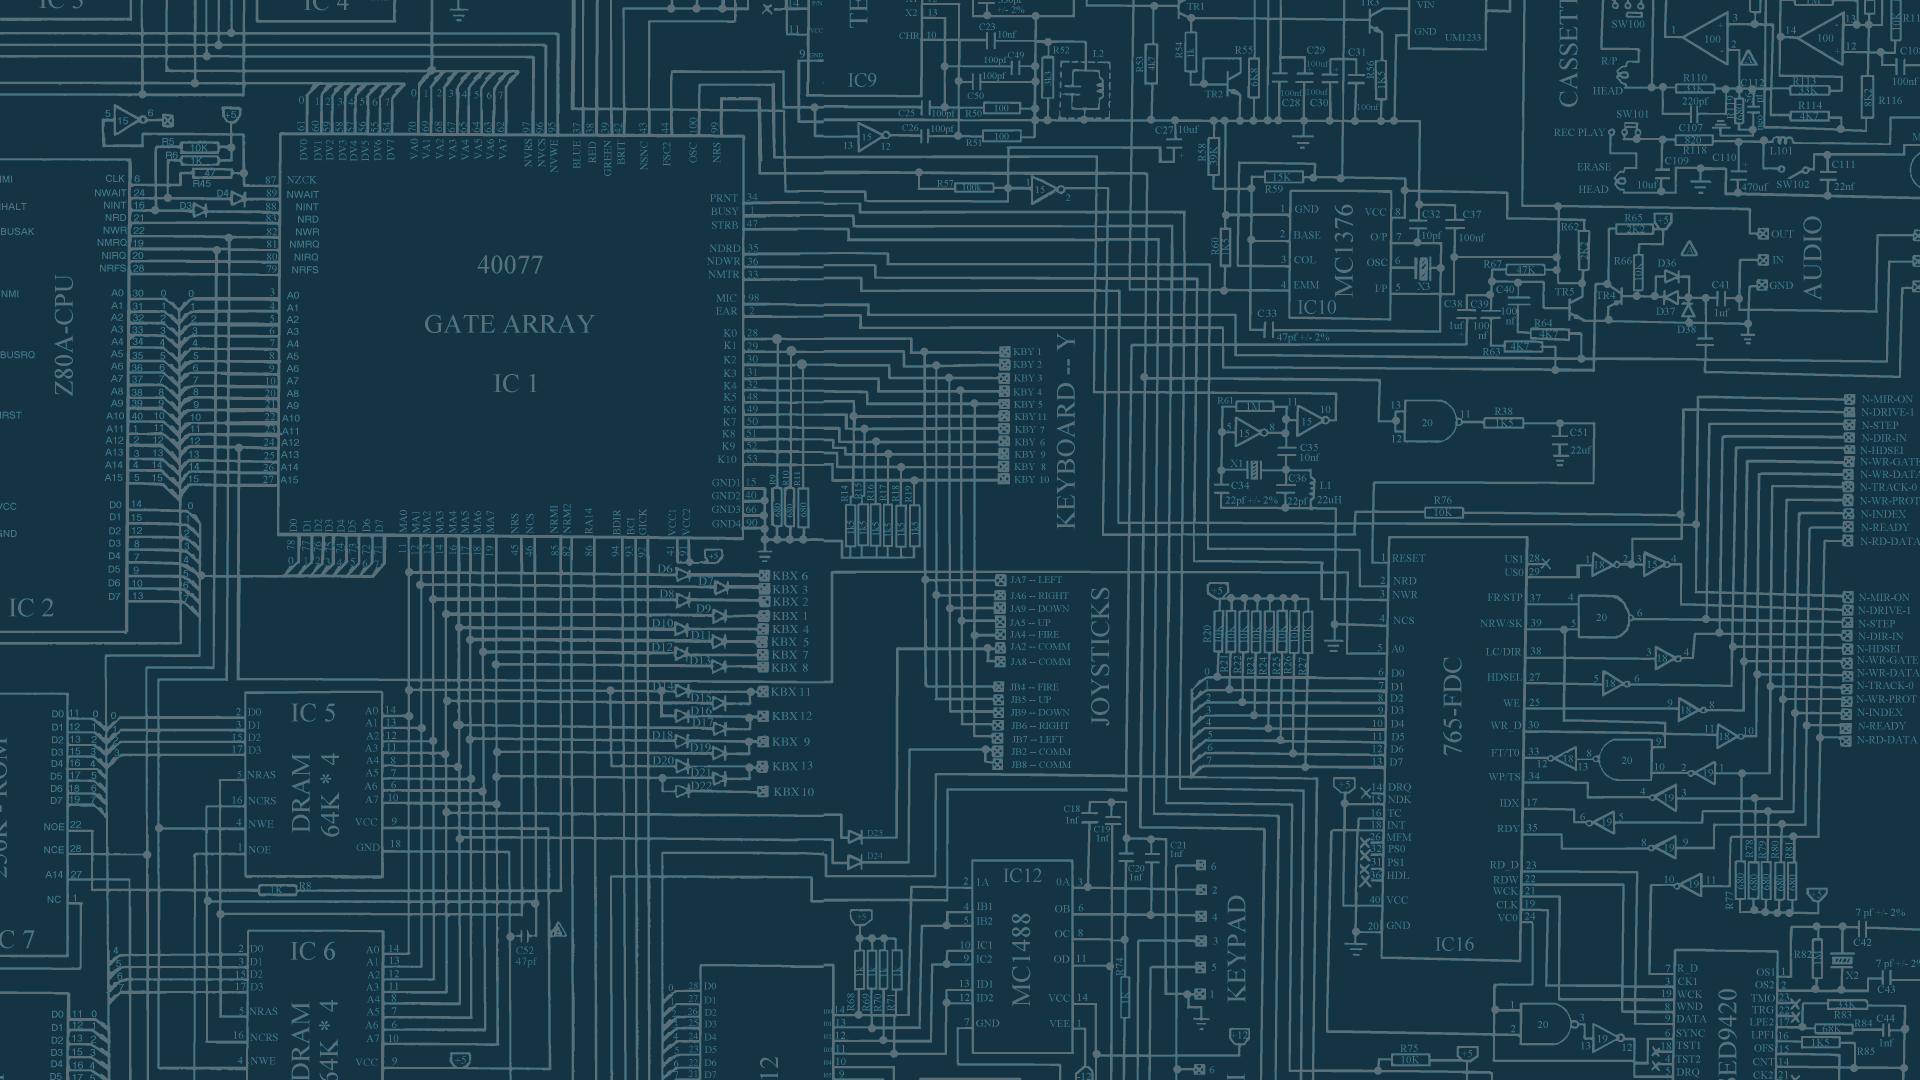 Images Of Wallpaper 1280x800 Circuits 1366x768 Calto Circuit Digital Art Wallpapers 13785 Hd Wallpapersafari